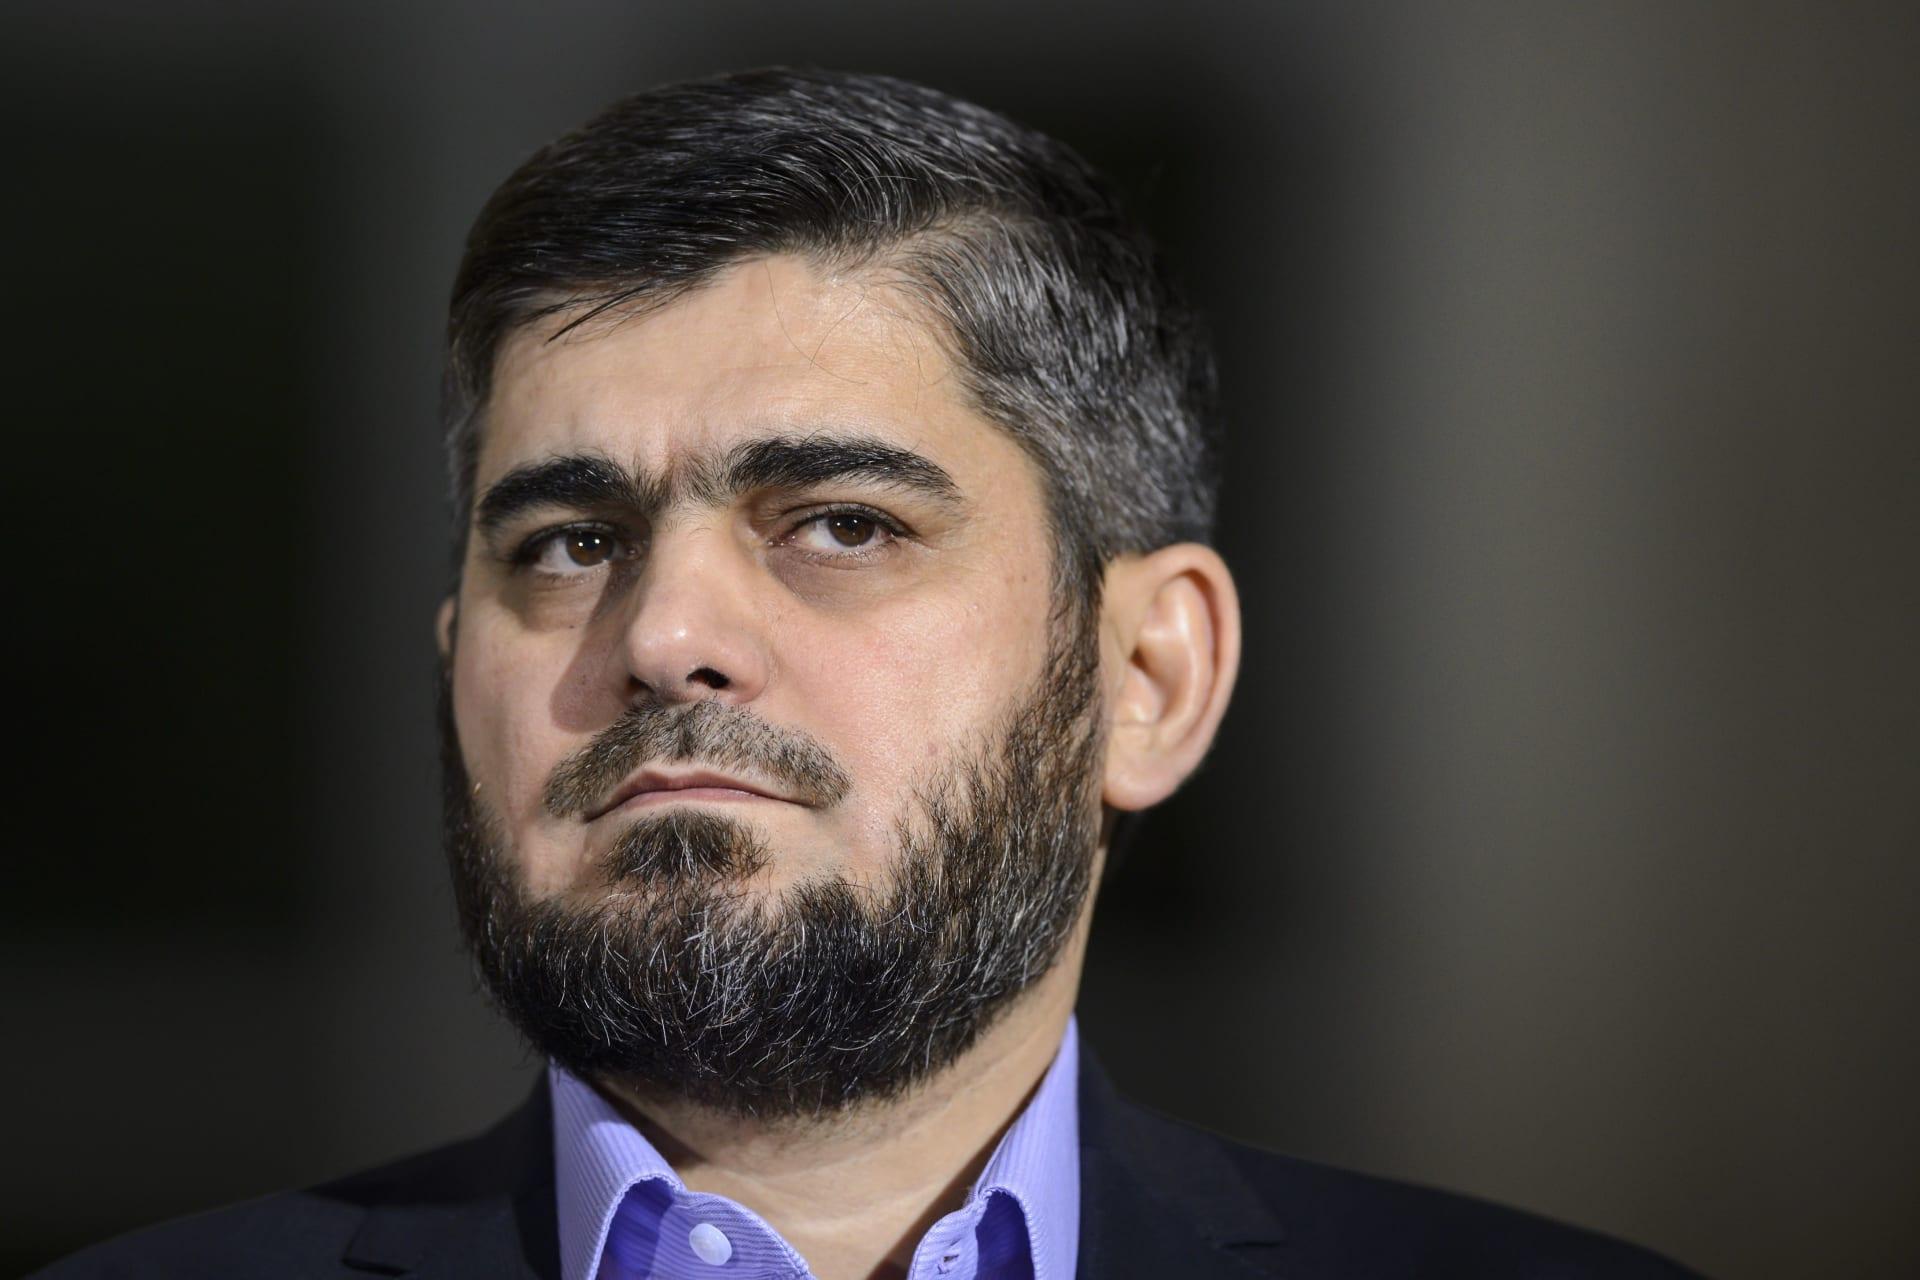 علوش يستقيل من منصب كبير مفاوضي المعارضة السورية بسبب تعنت الأسد وعجز المجتمع الدولي